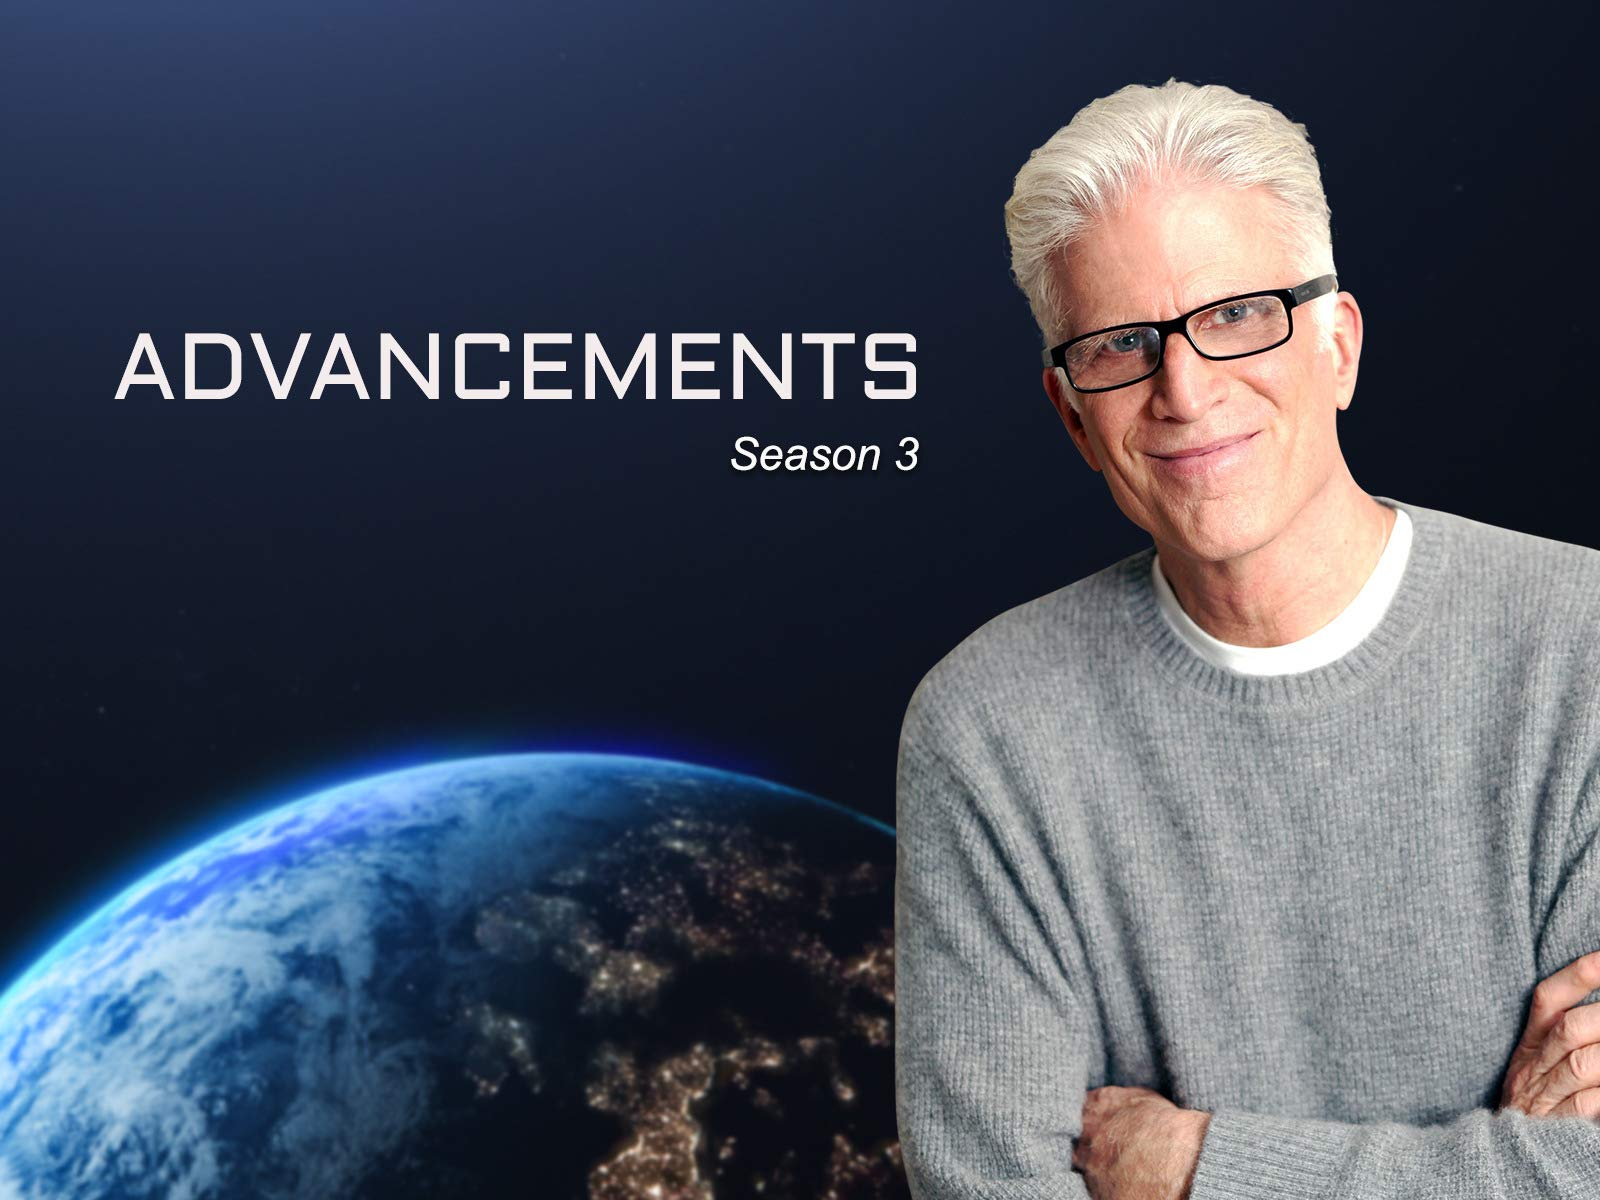 Advancements - Season 3